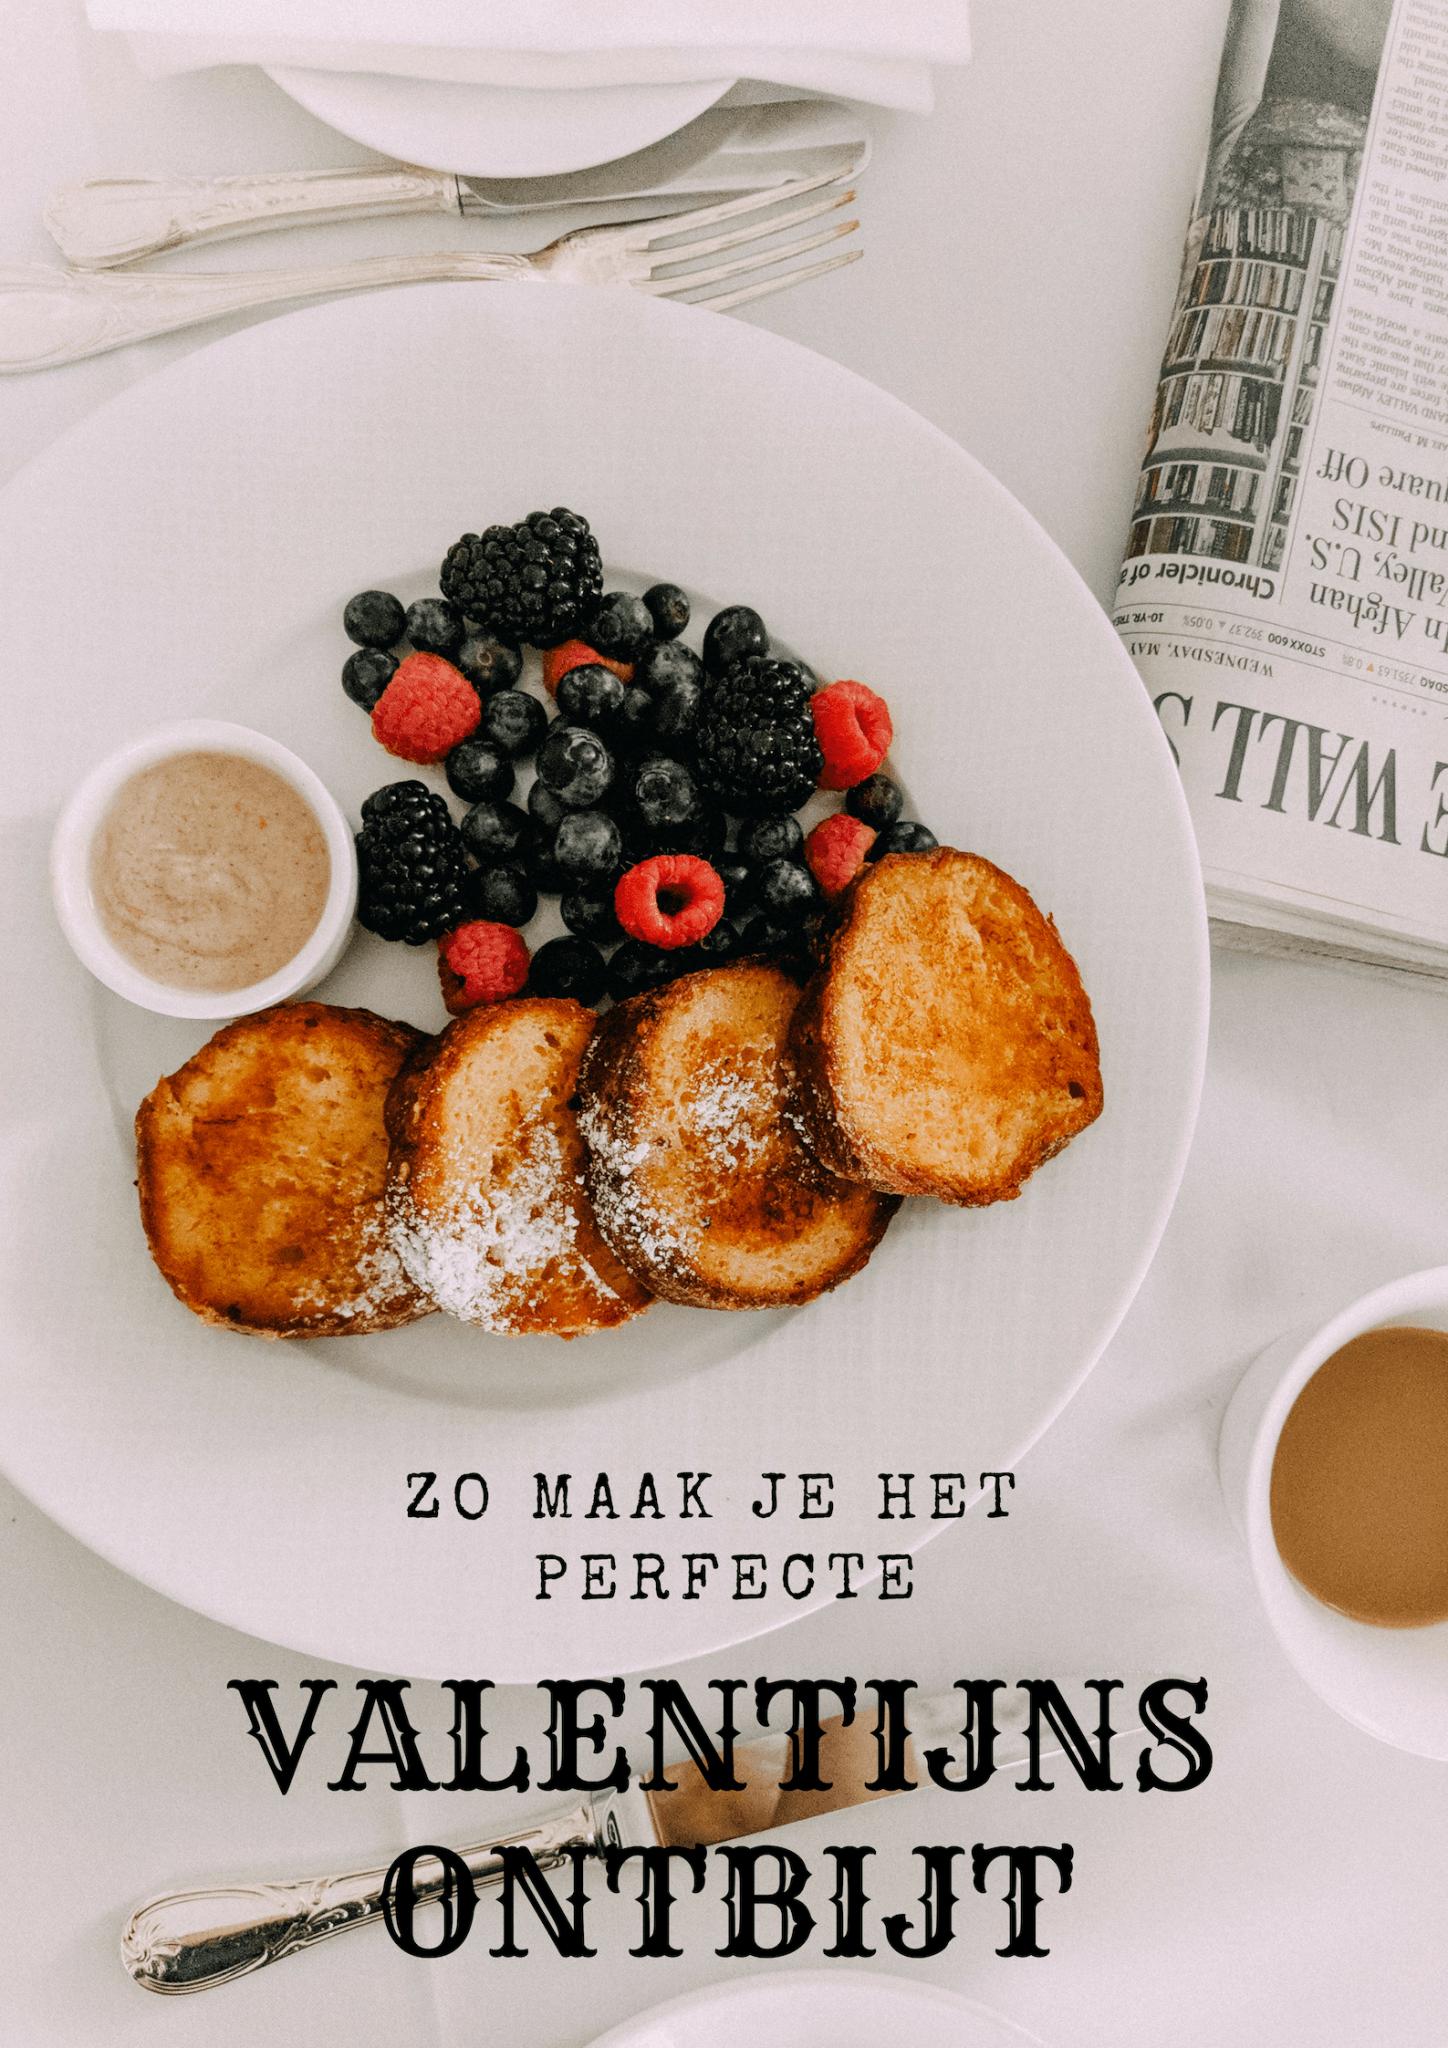 Het perfecte Valentijnsontbijt maak je zo